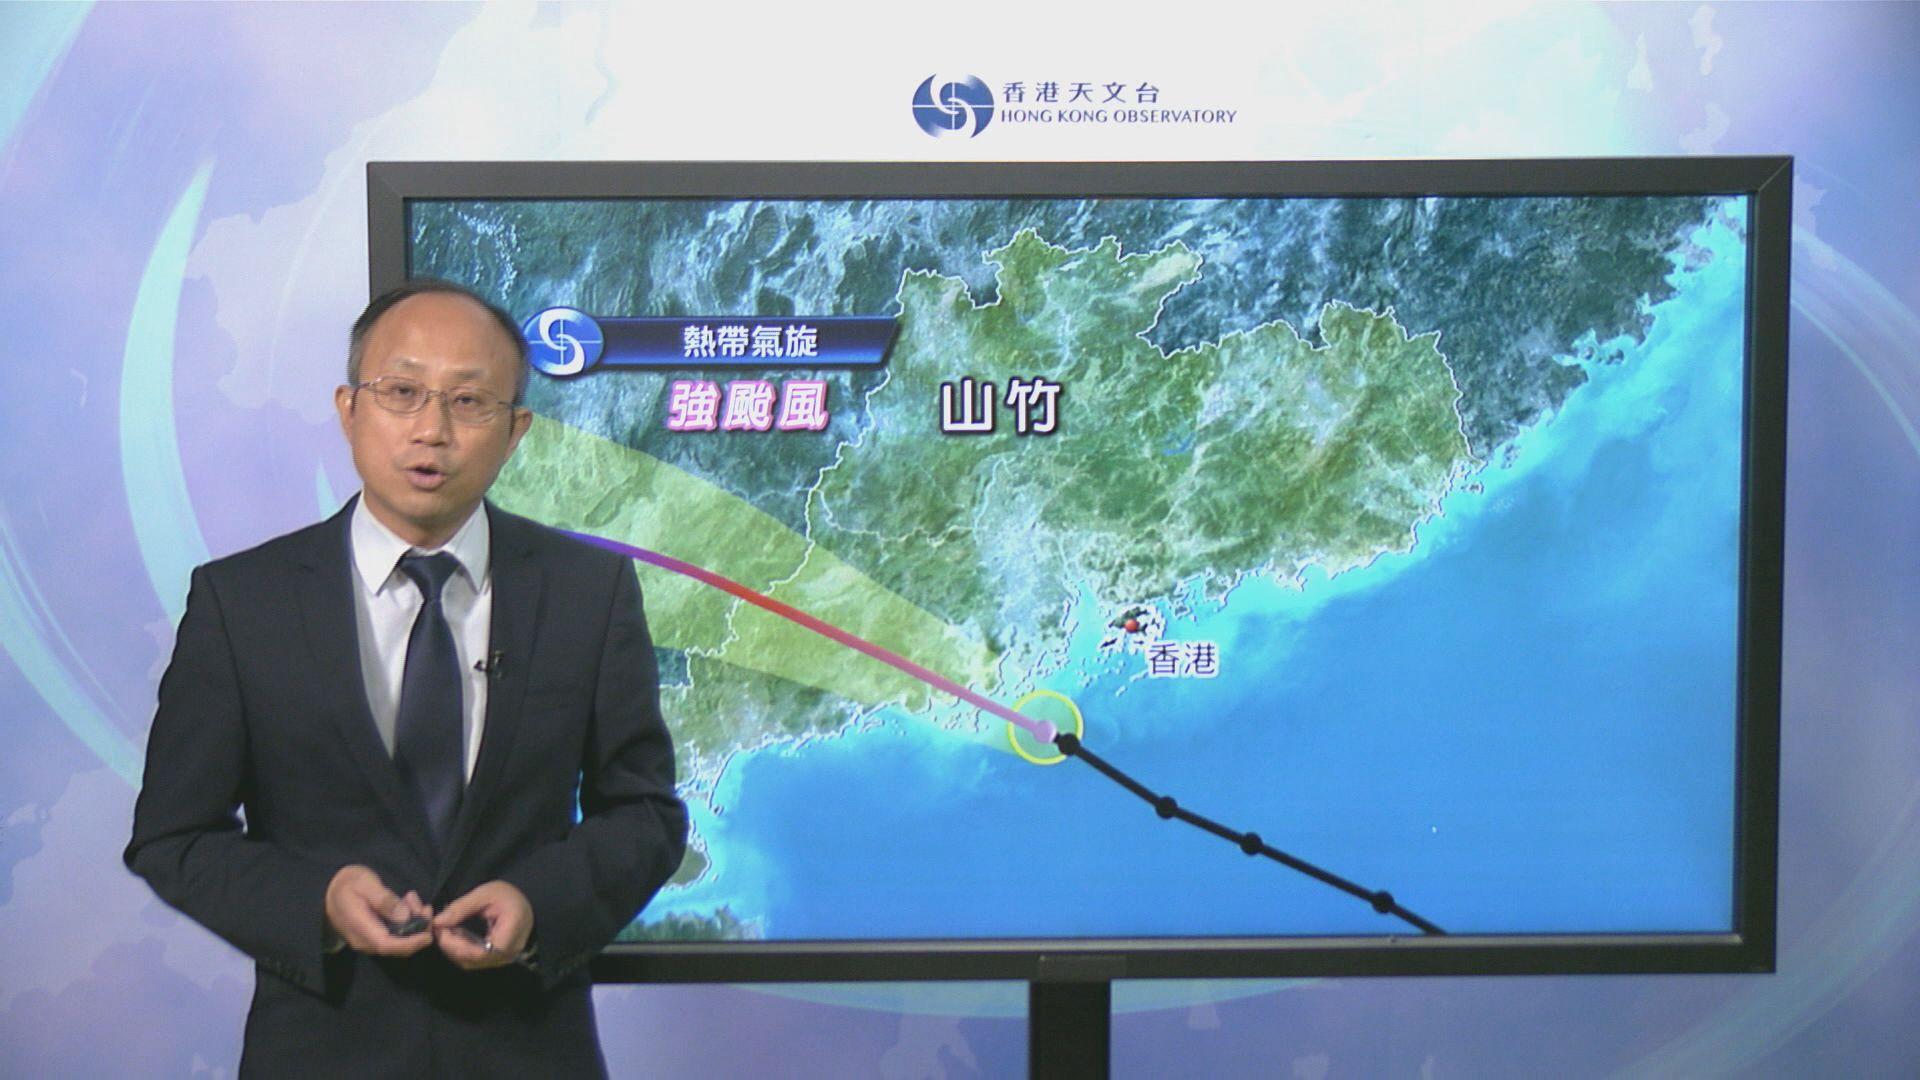 山竹漸遠離 但料十號颶風信號仍維持數小時